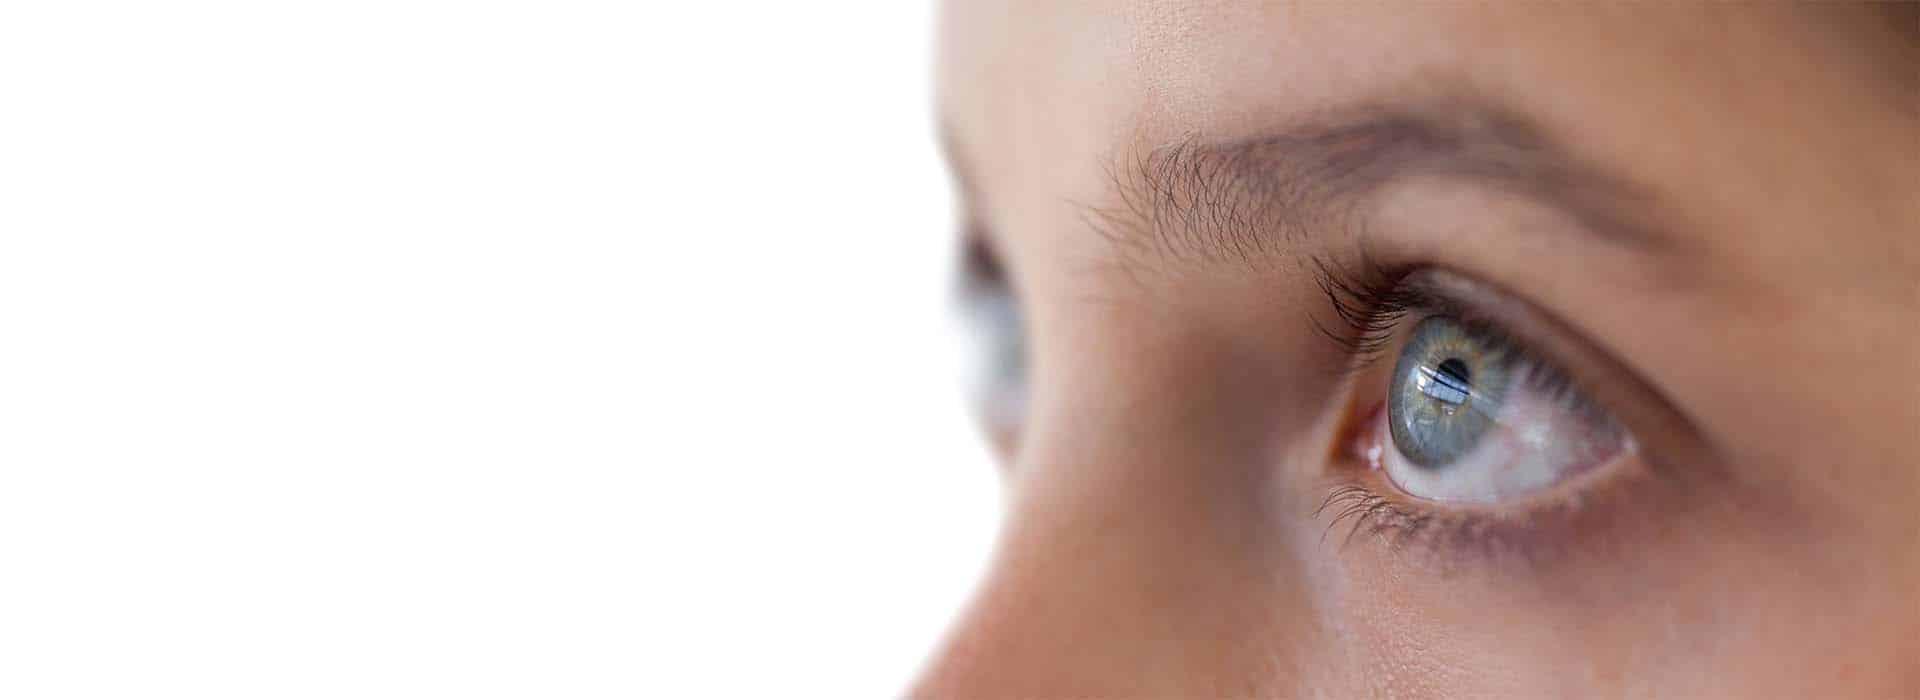 ¿Cómo eliminar las ojeras?: Tratamiento y resultados